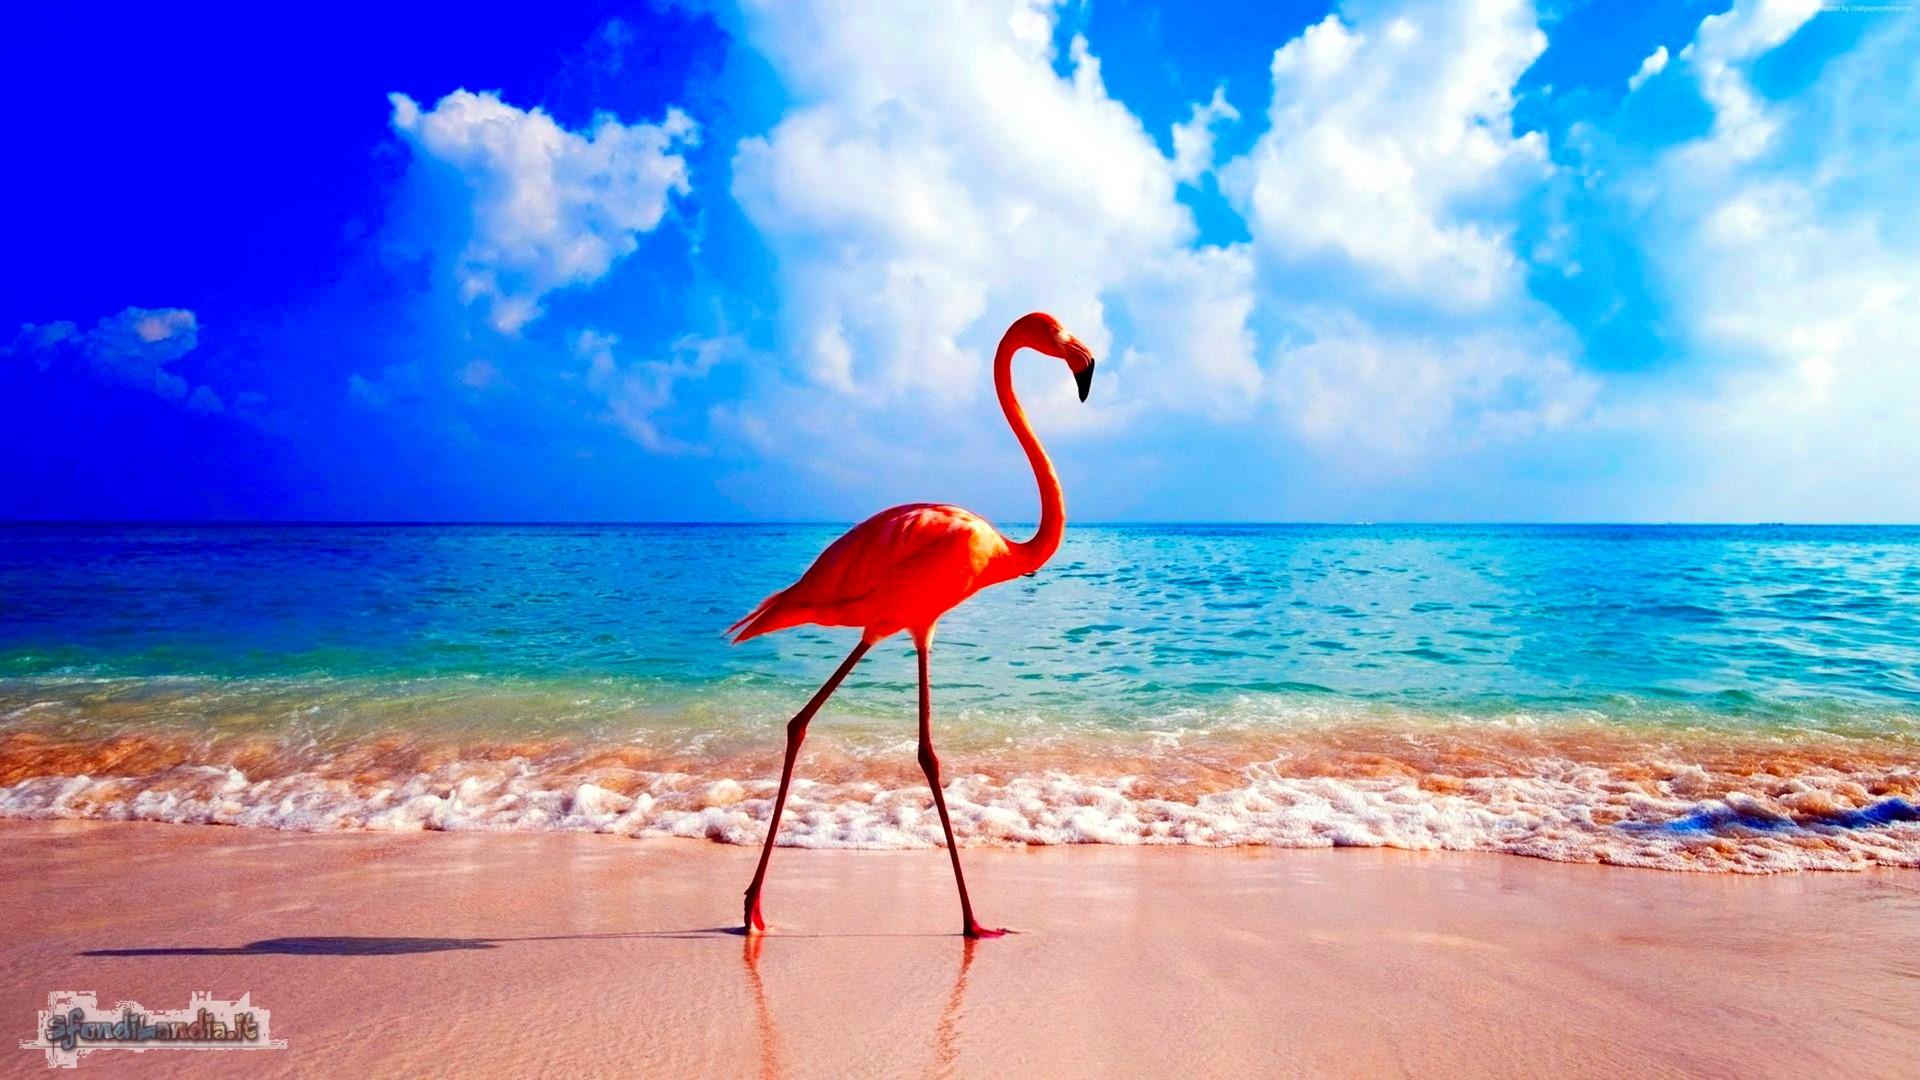 Sfondo gratis di fenicottero al mare per for Foto per desktop gratis mare